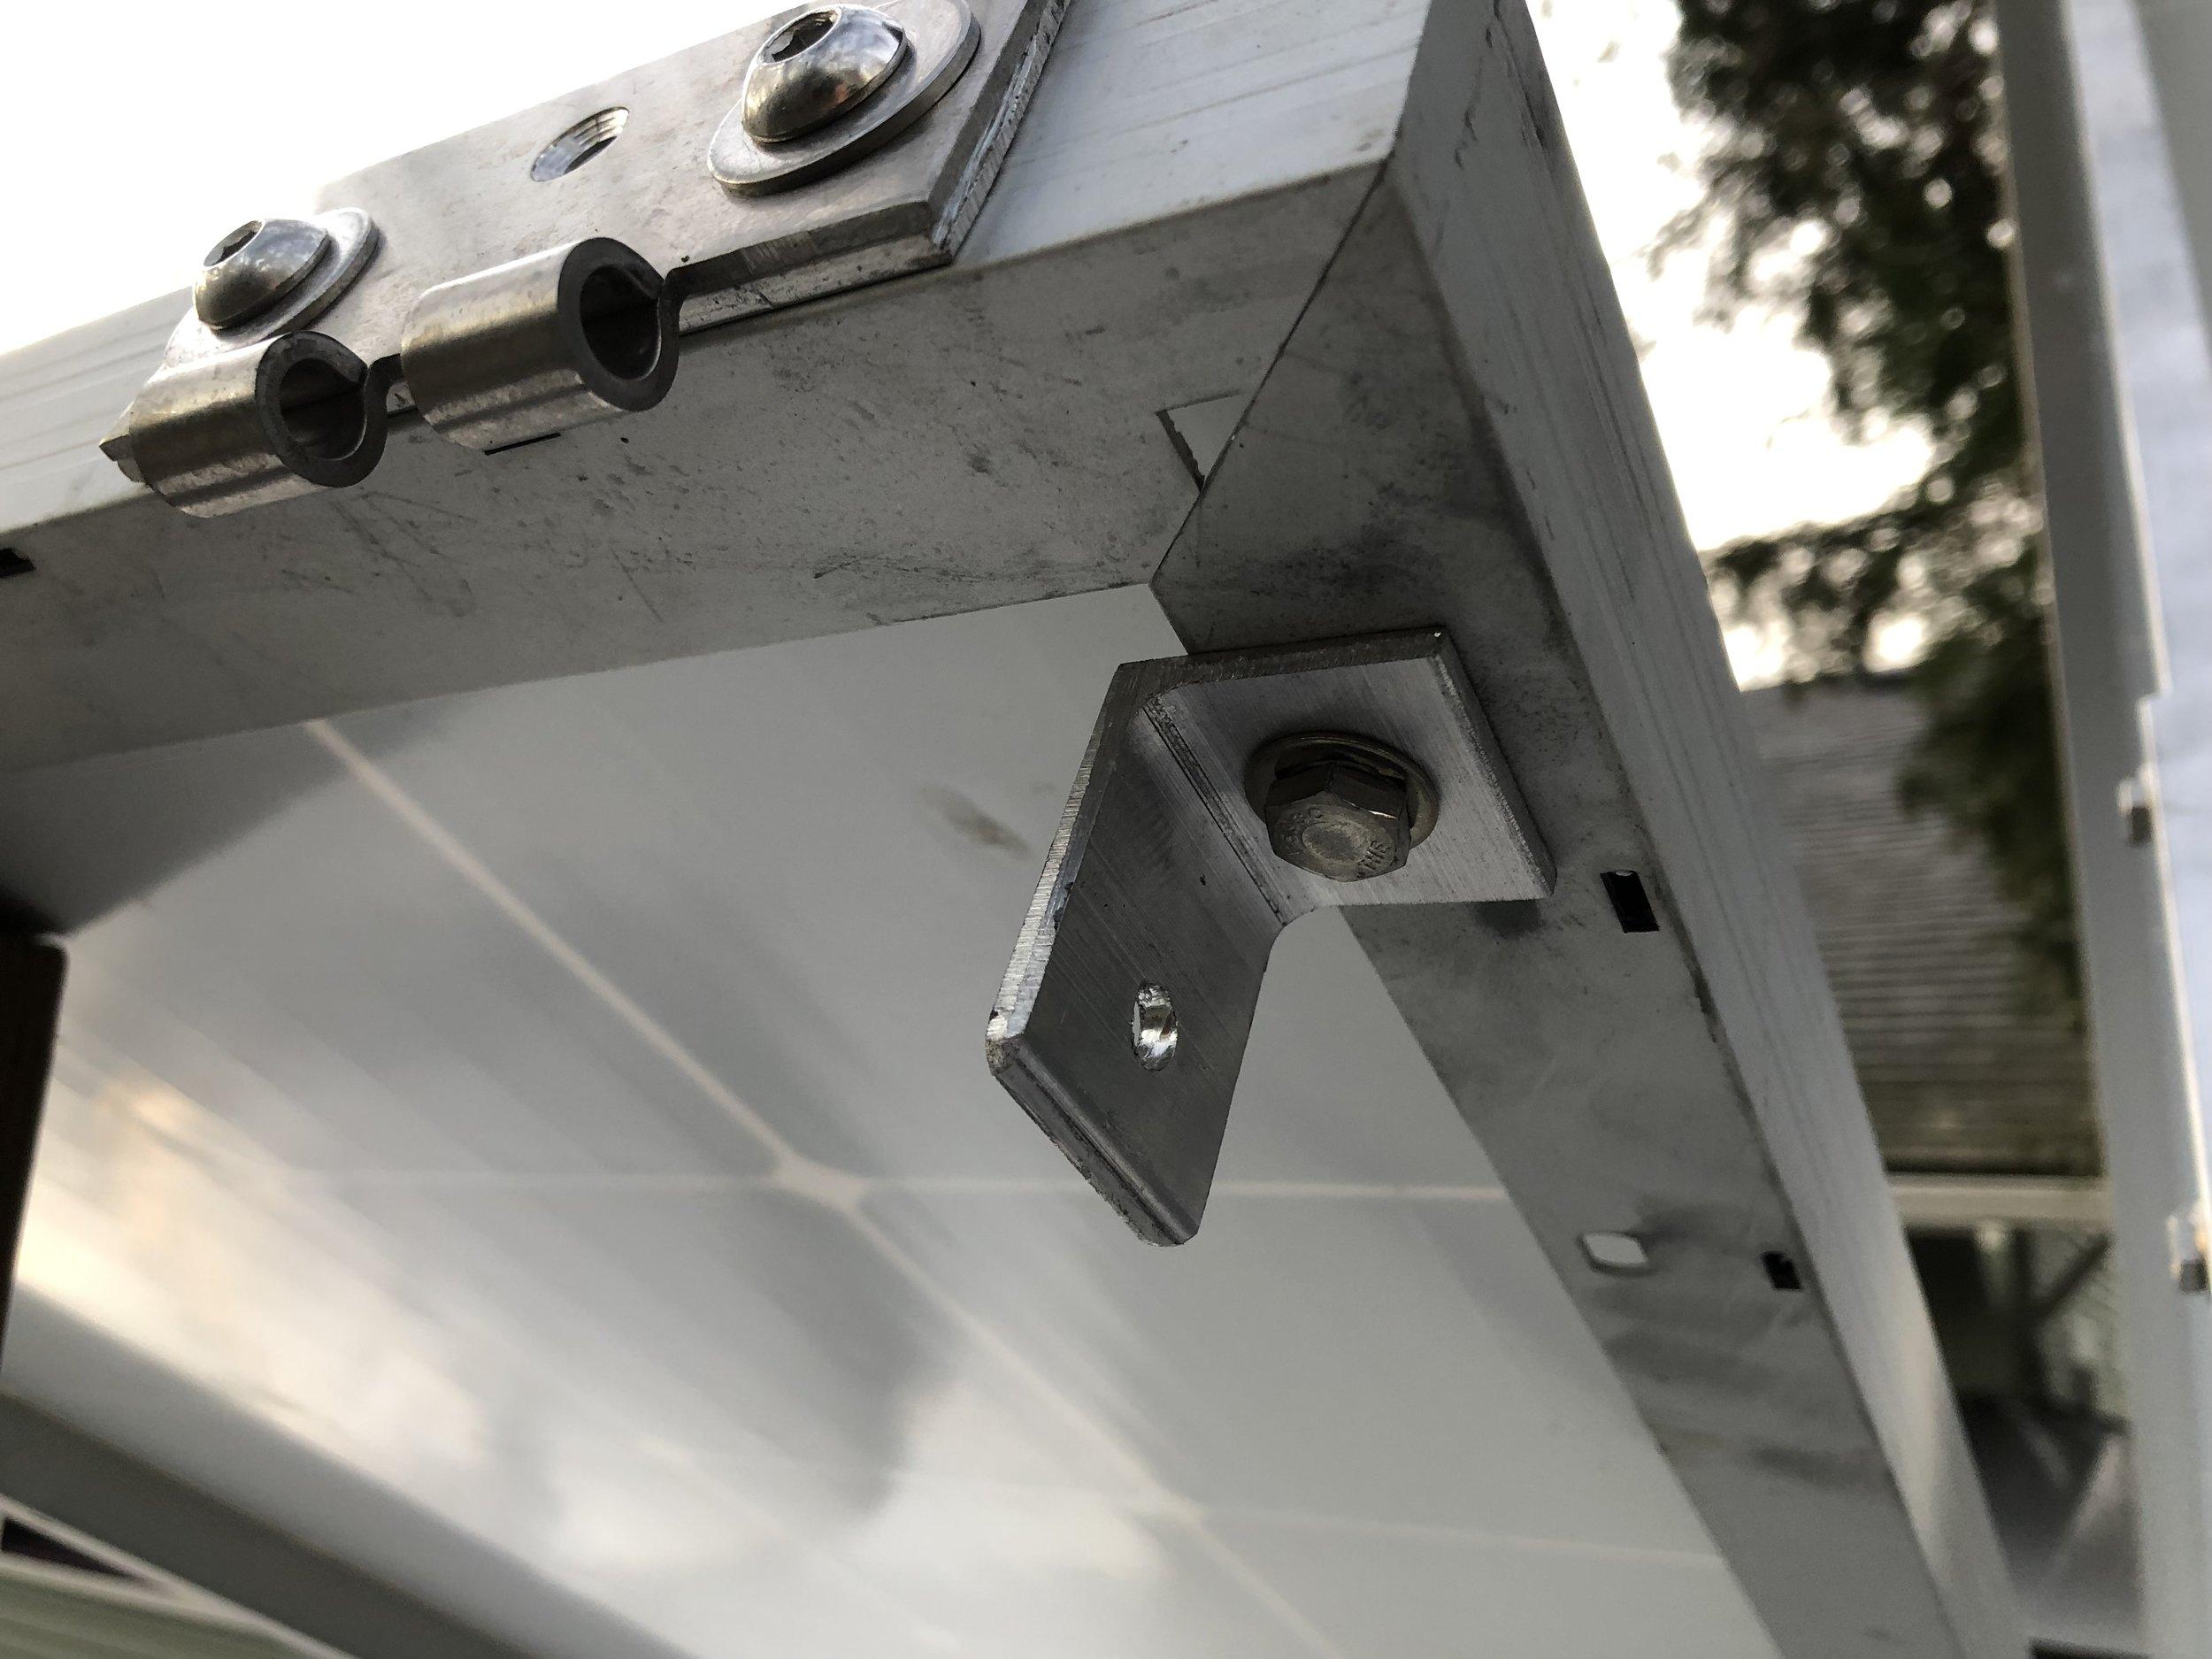 Tilting Solar panel install — Sunlight and trees